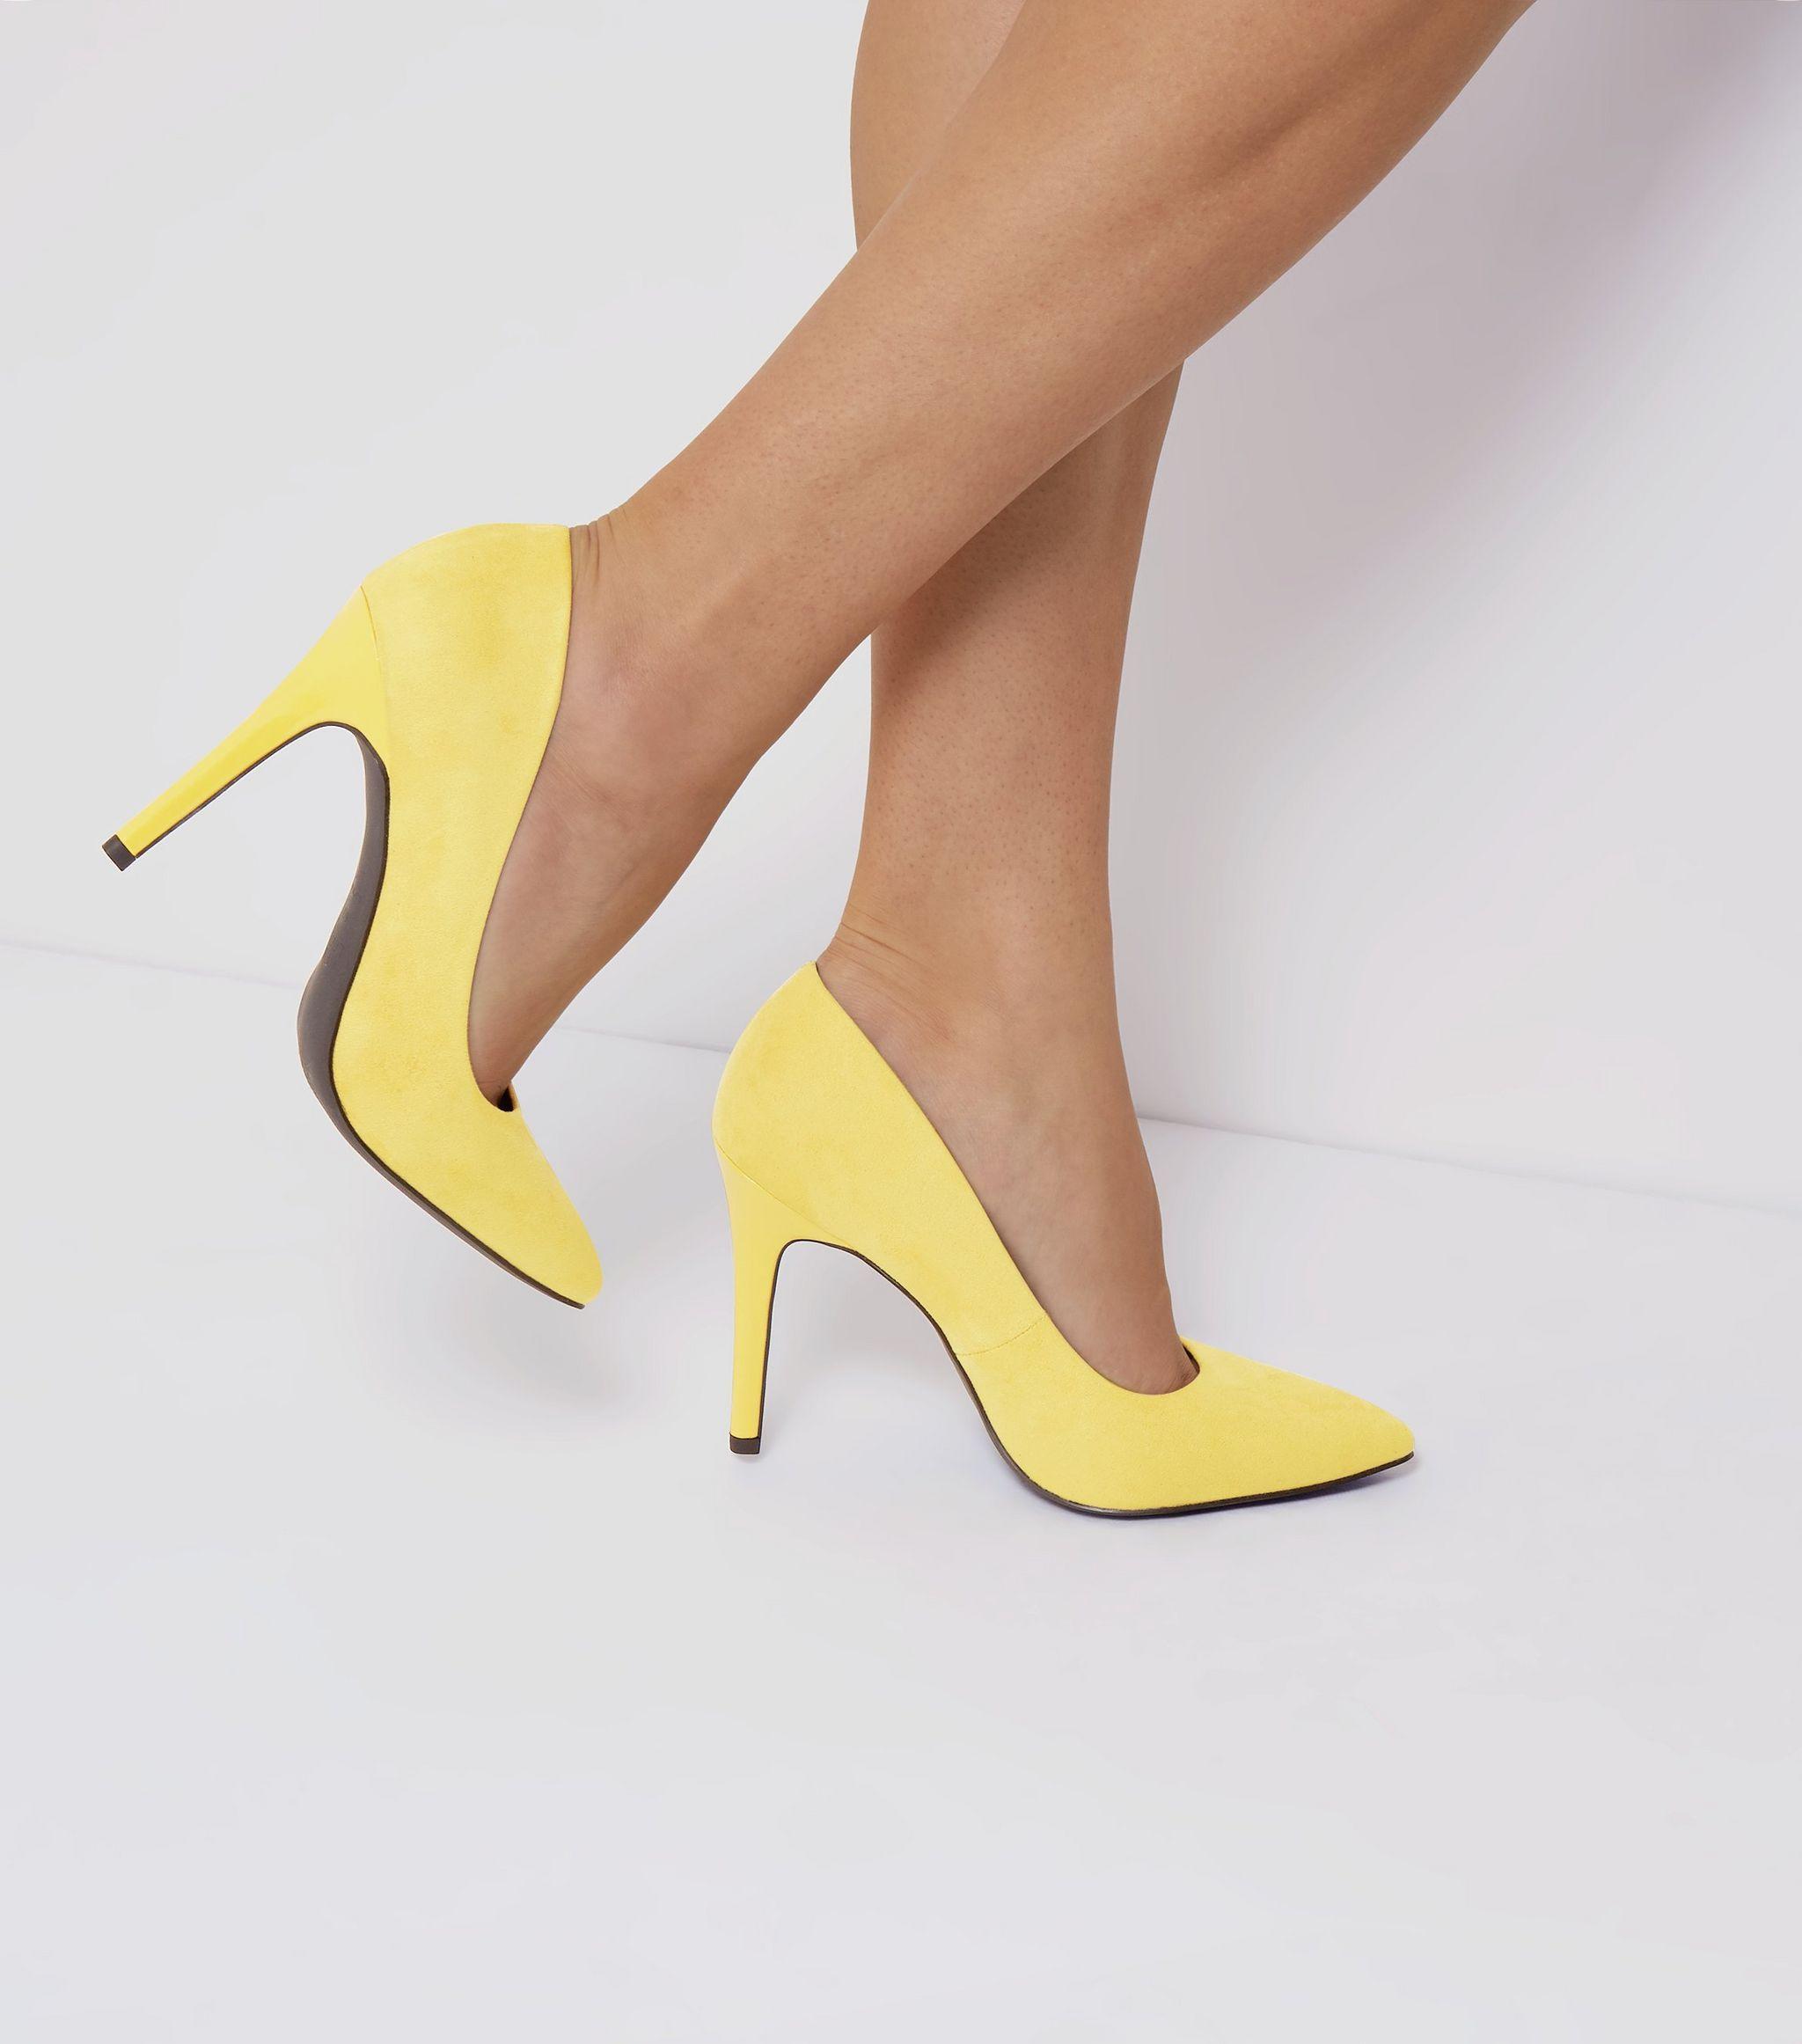 Wide Fit - Escarpins jaunes pointus en suédine   New Look   Mode ... 132455941cb7